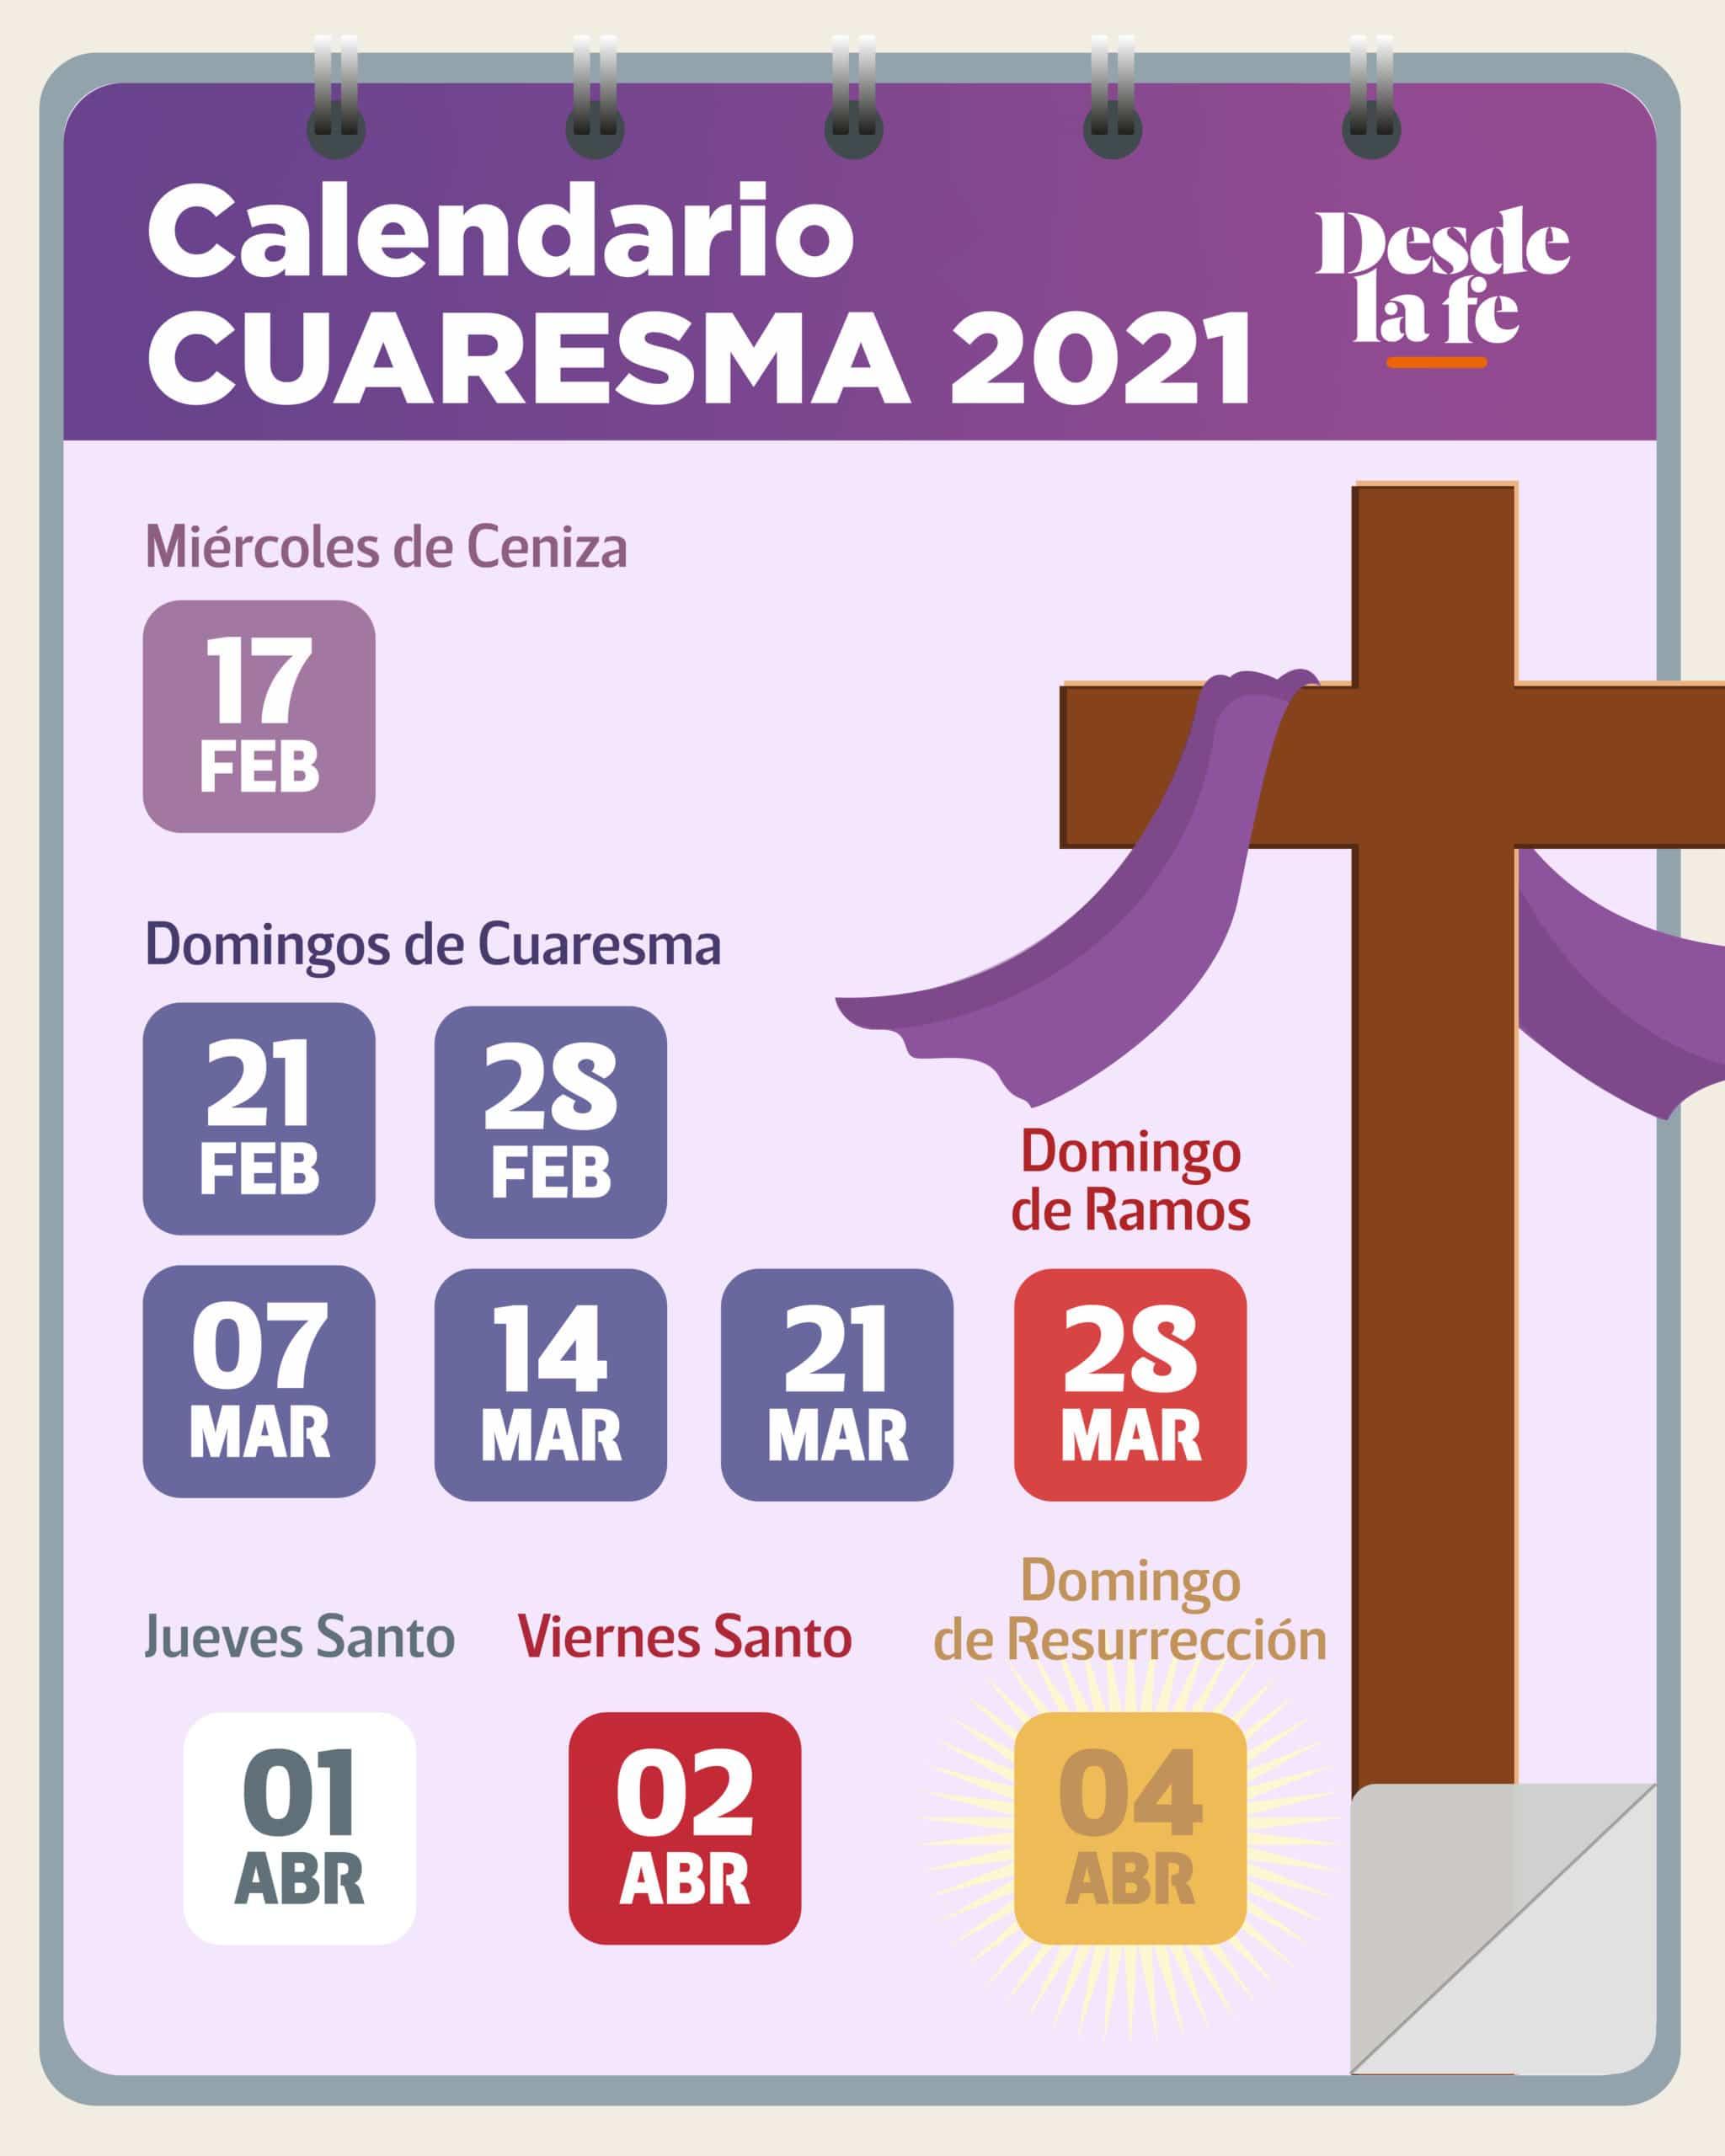 Calendario de Cuaresma y Semana Santa 2021.